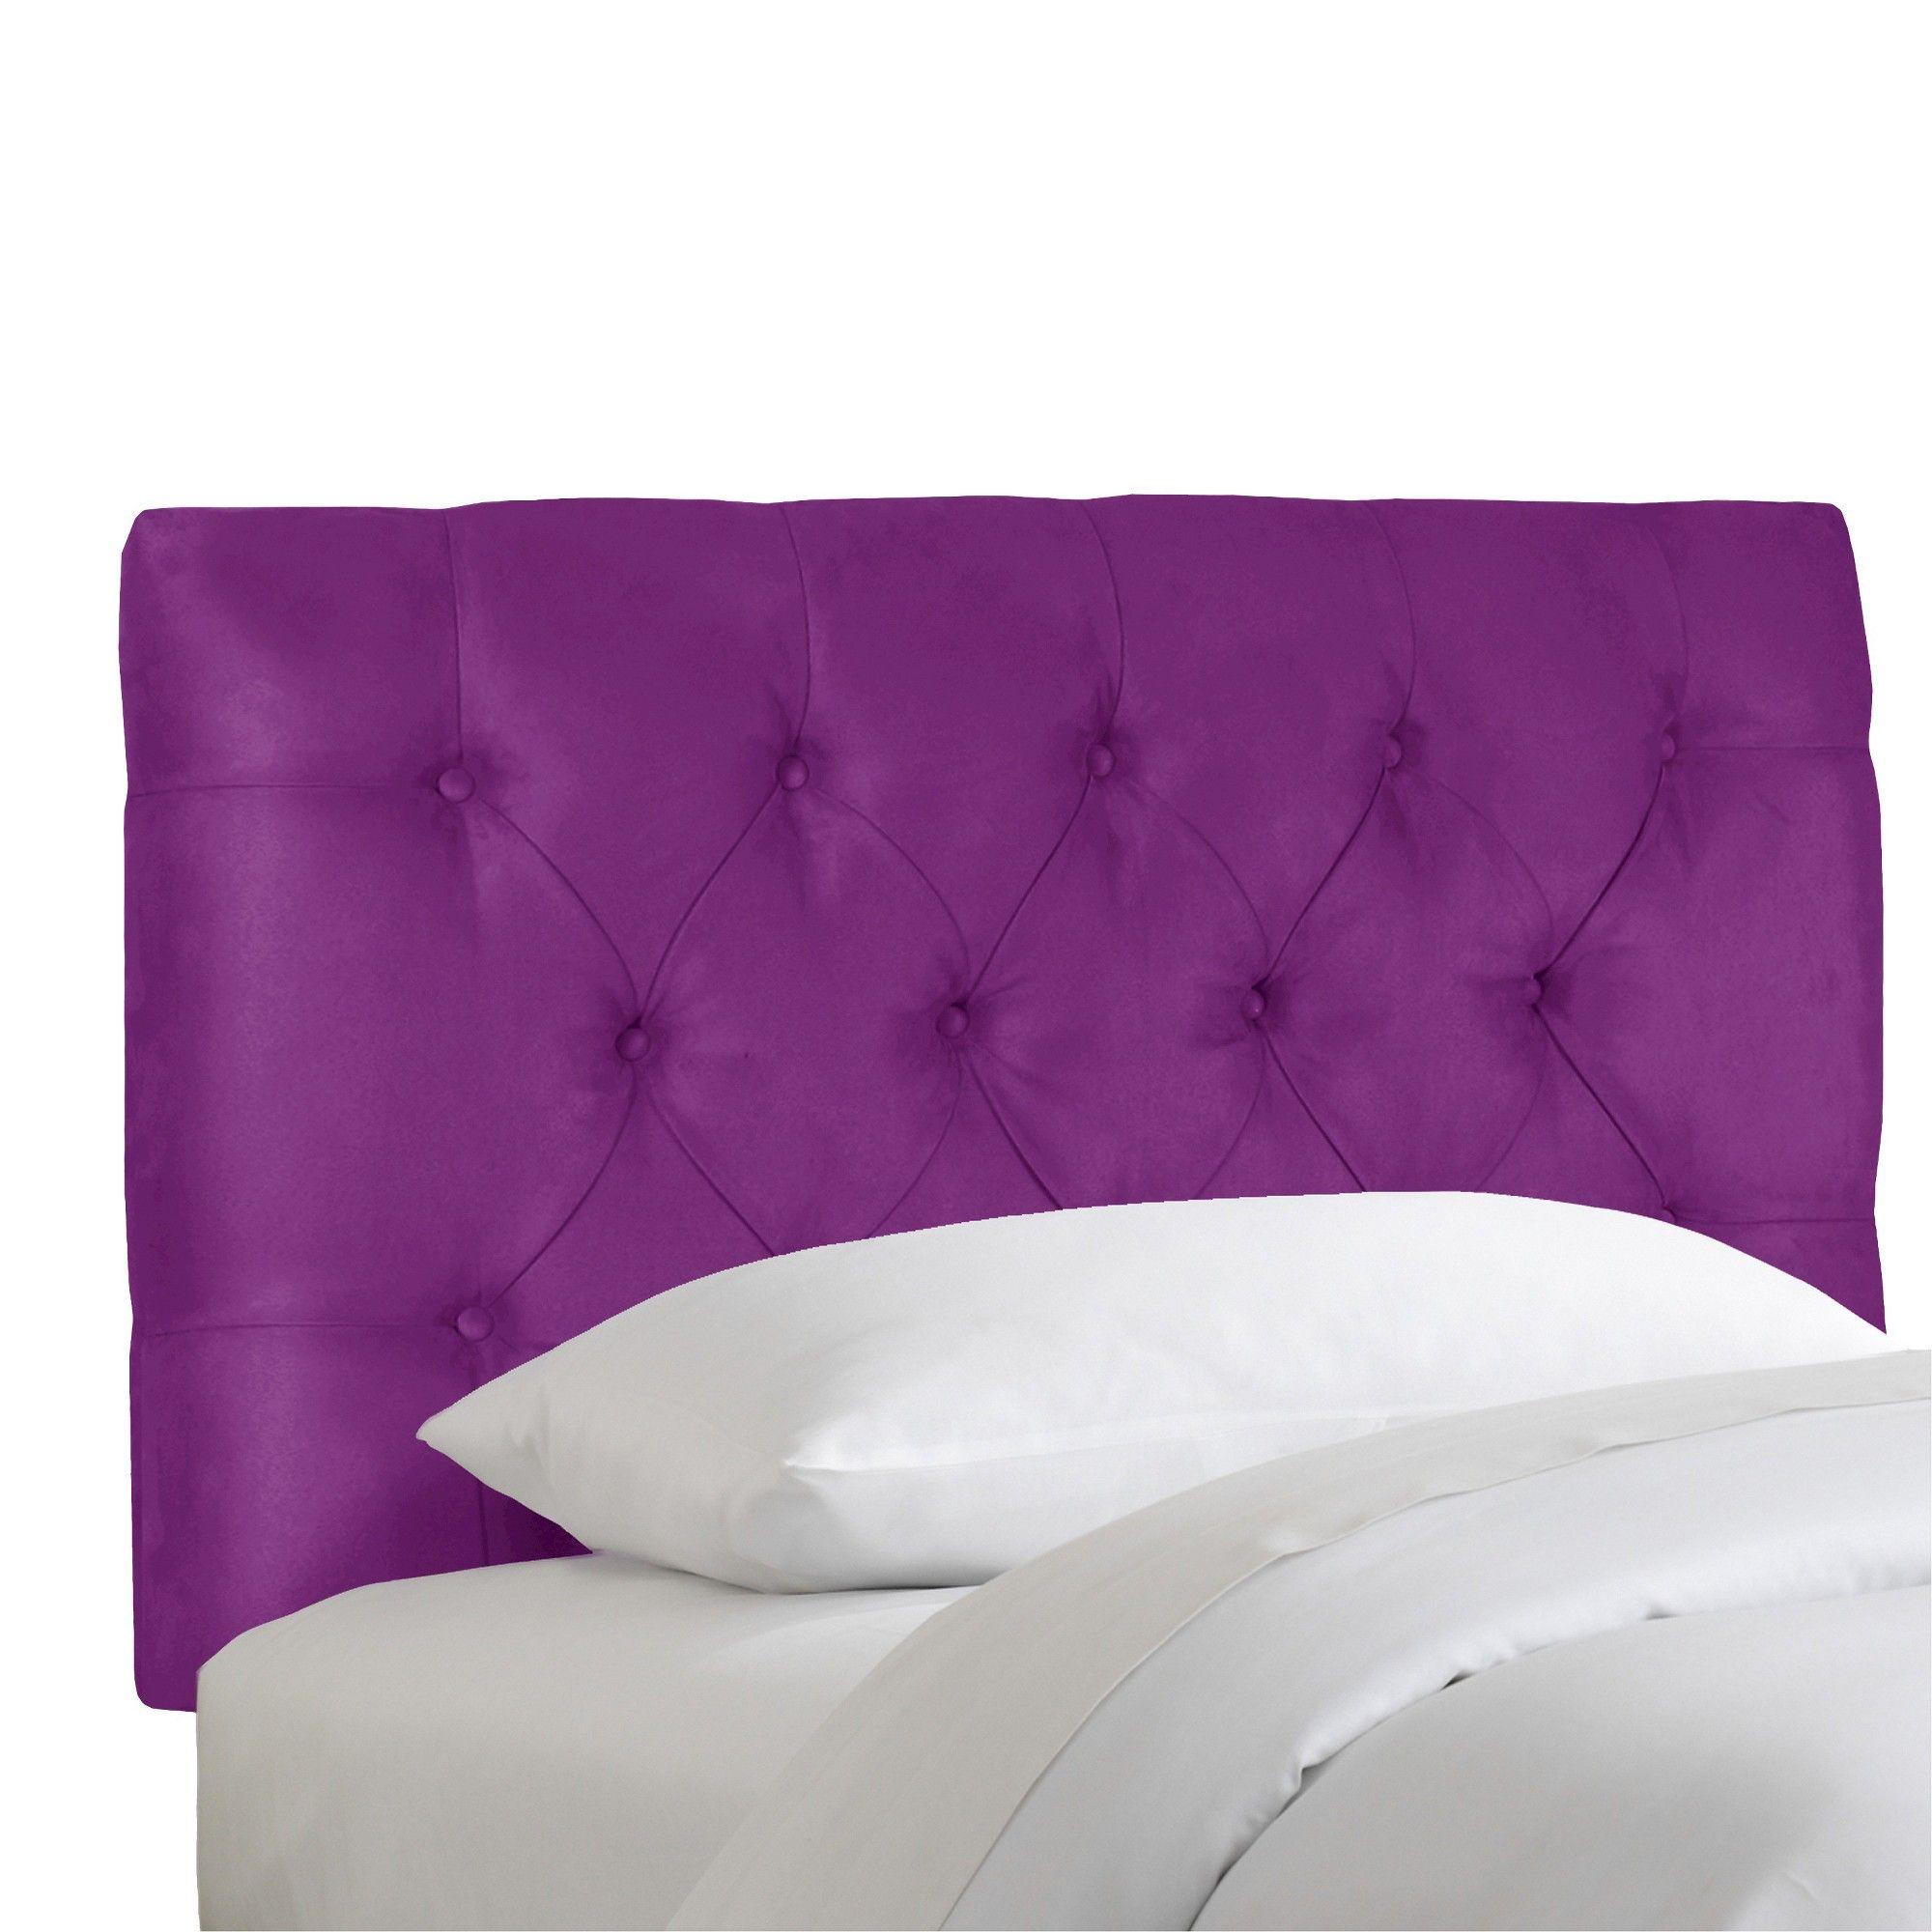 Full Kids Tufted Headboard Purple Pillowfort In 2019 Tufted Headboard Queen Headboard With Lights Twin Headboard